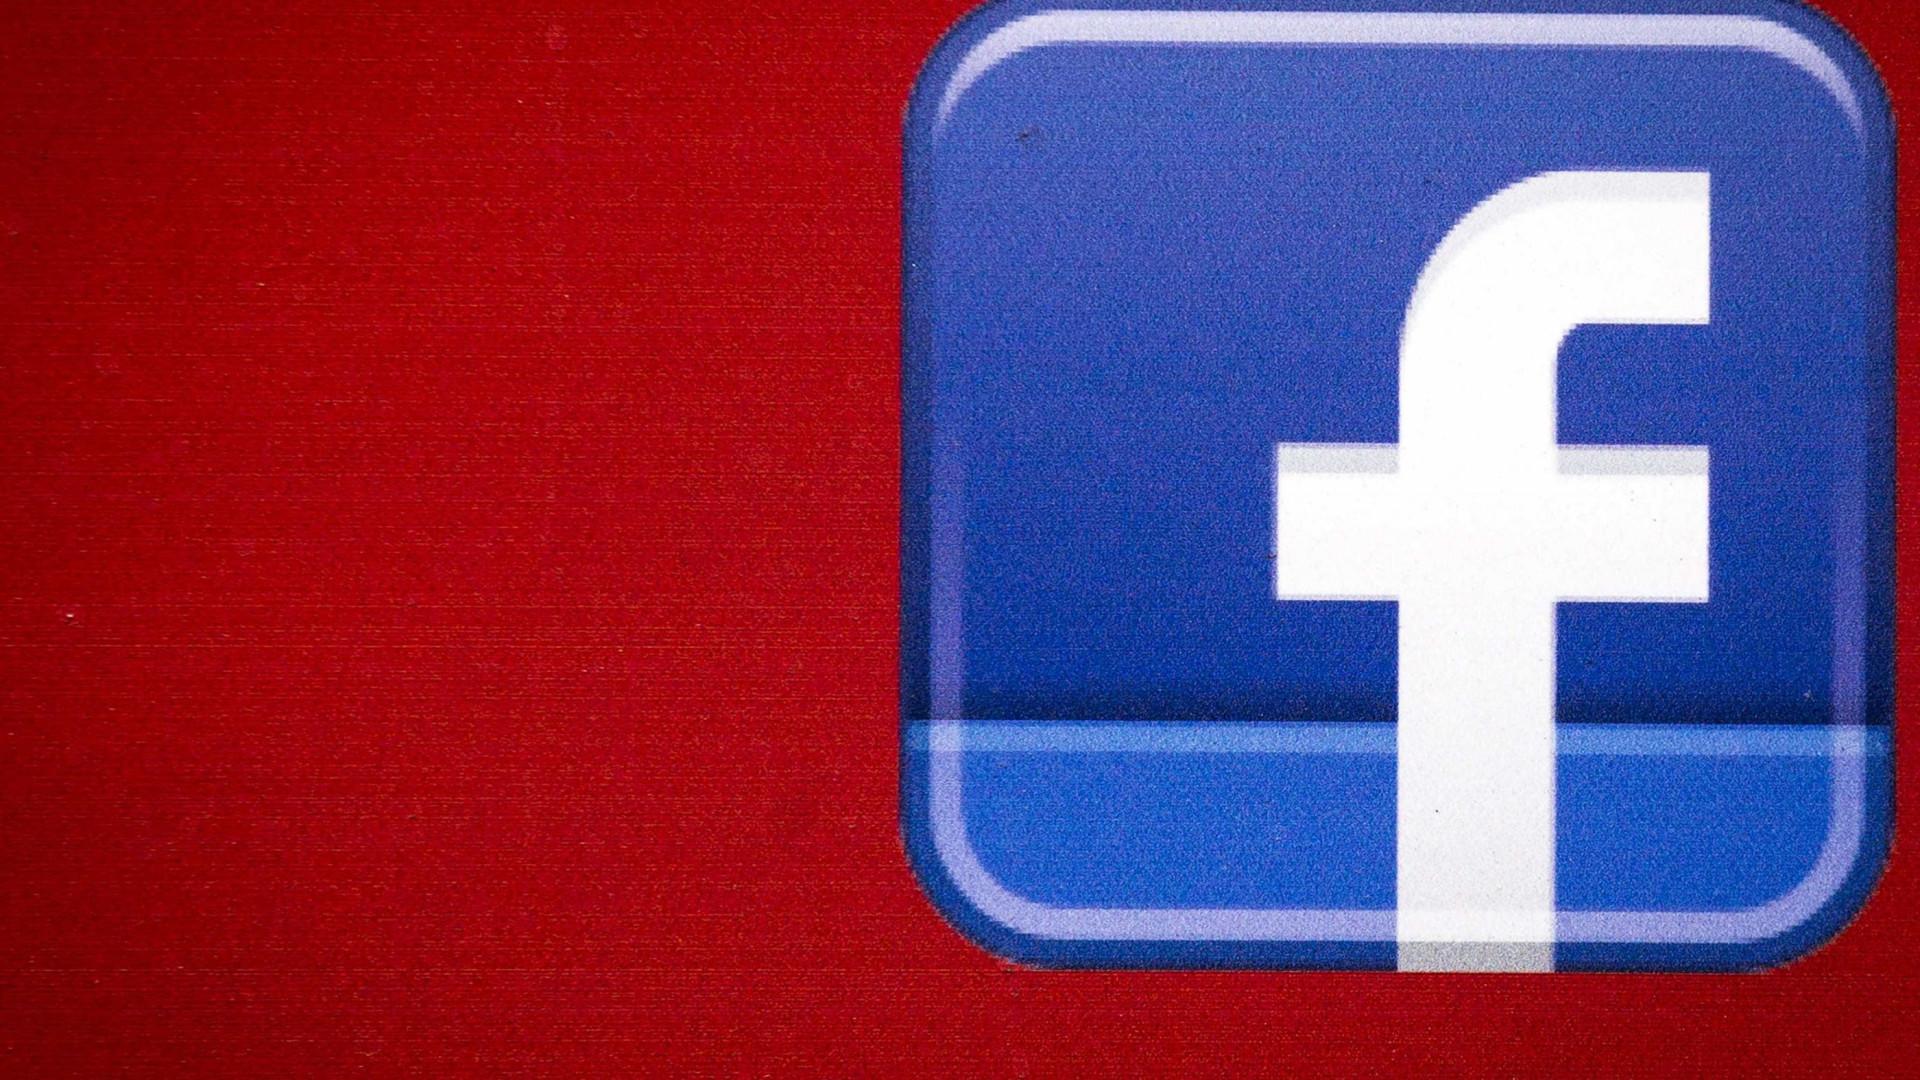 Utilizadores do Facebook terão mais formas de fazer diretos